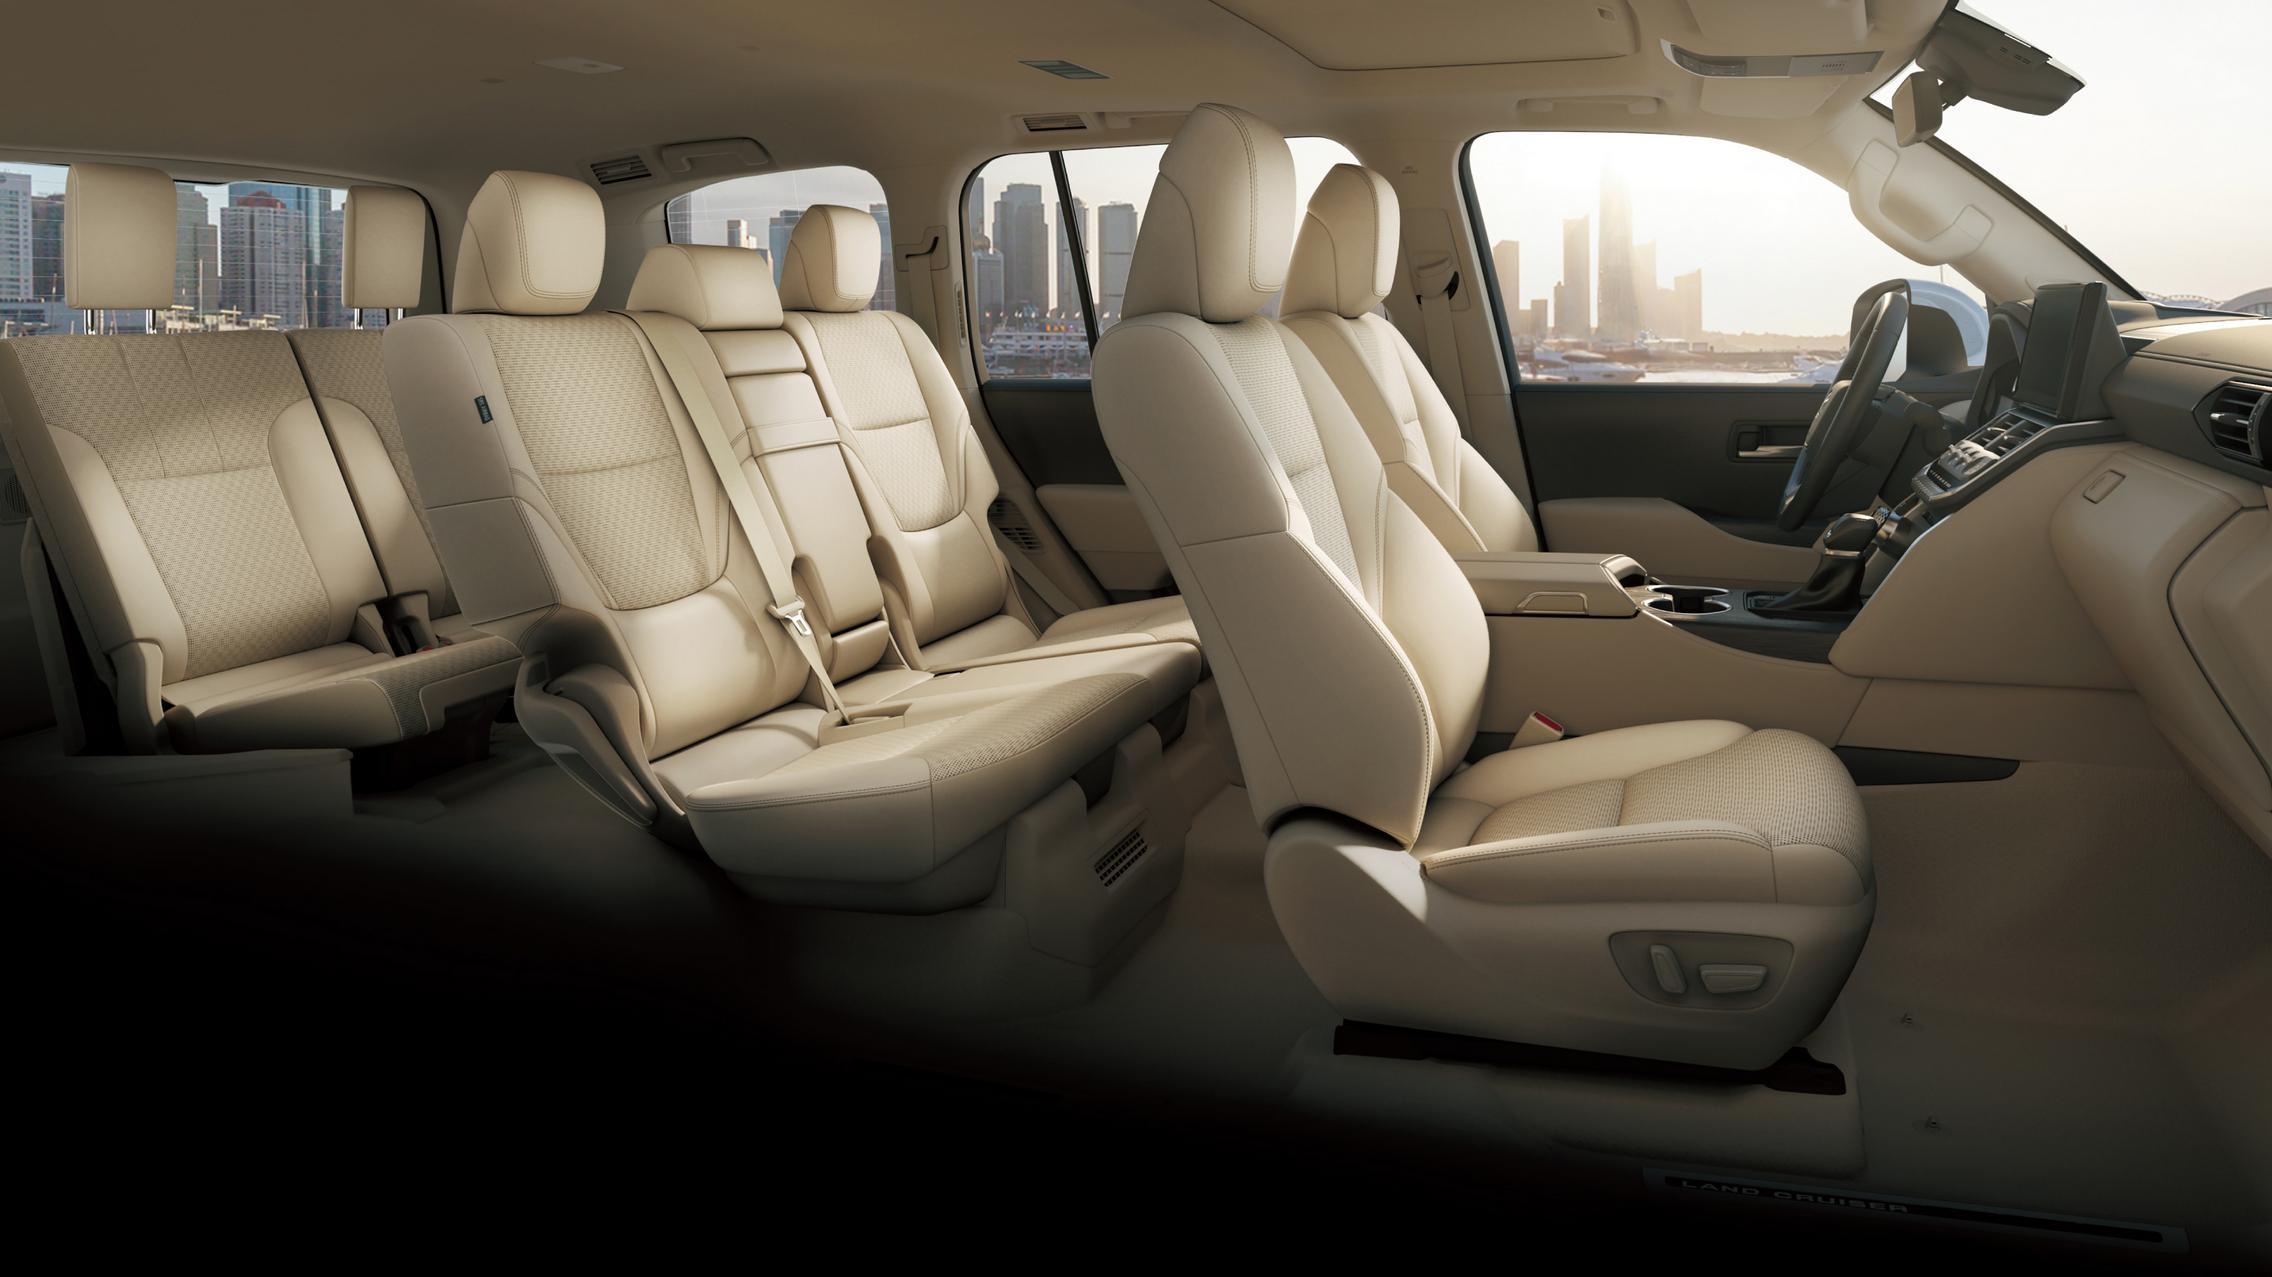 Land Cruiser 300 seats